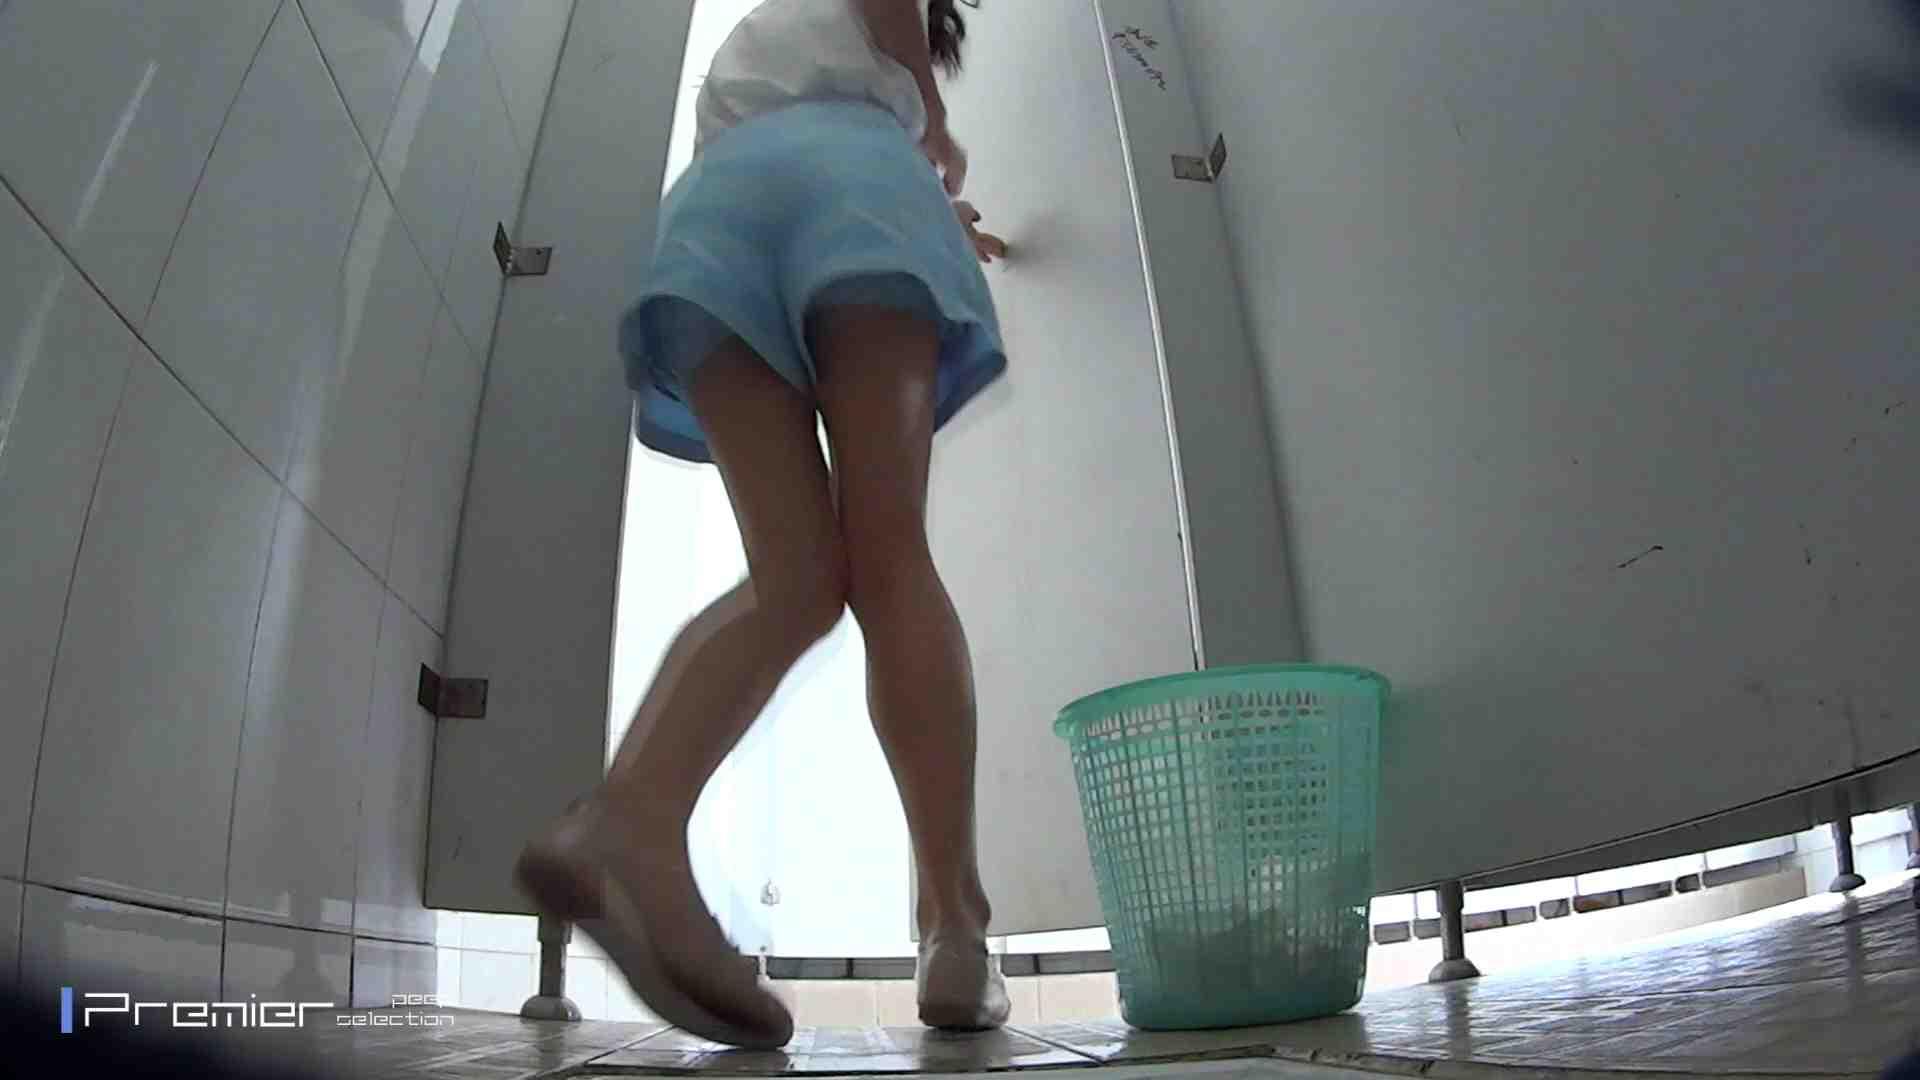 美しい女良たちのトイレ事情 有名大学休憩時間の洗面所事情06 ギャル達 SEX無修正画像 90枚 14